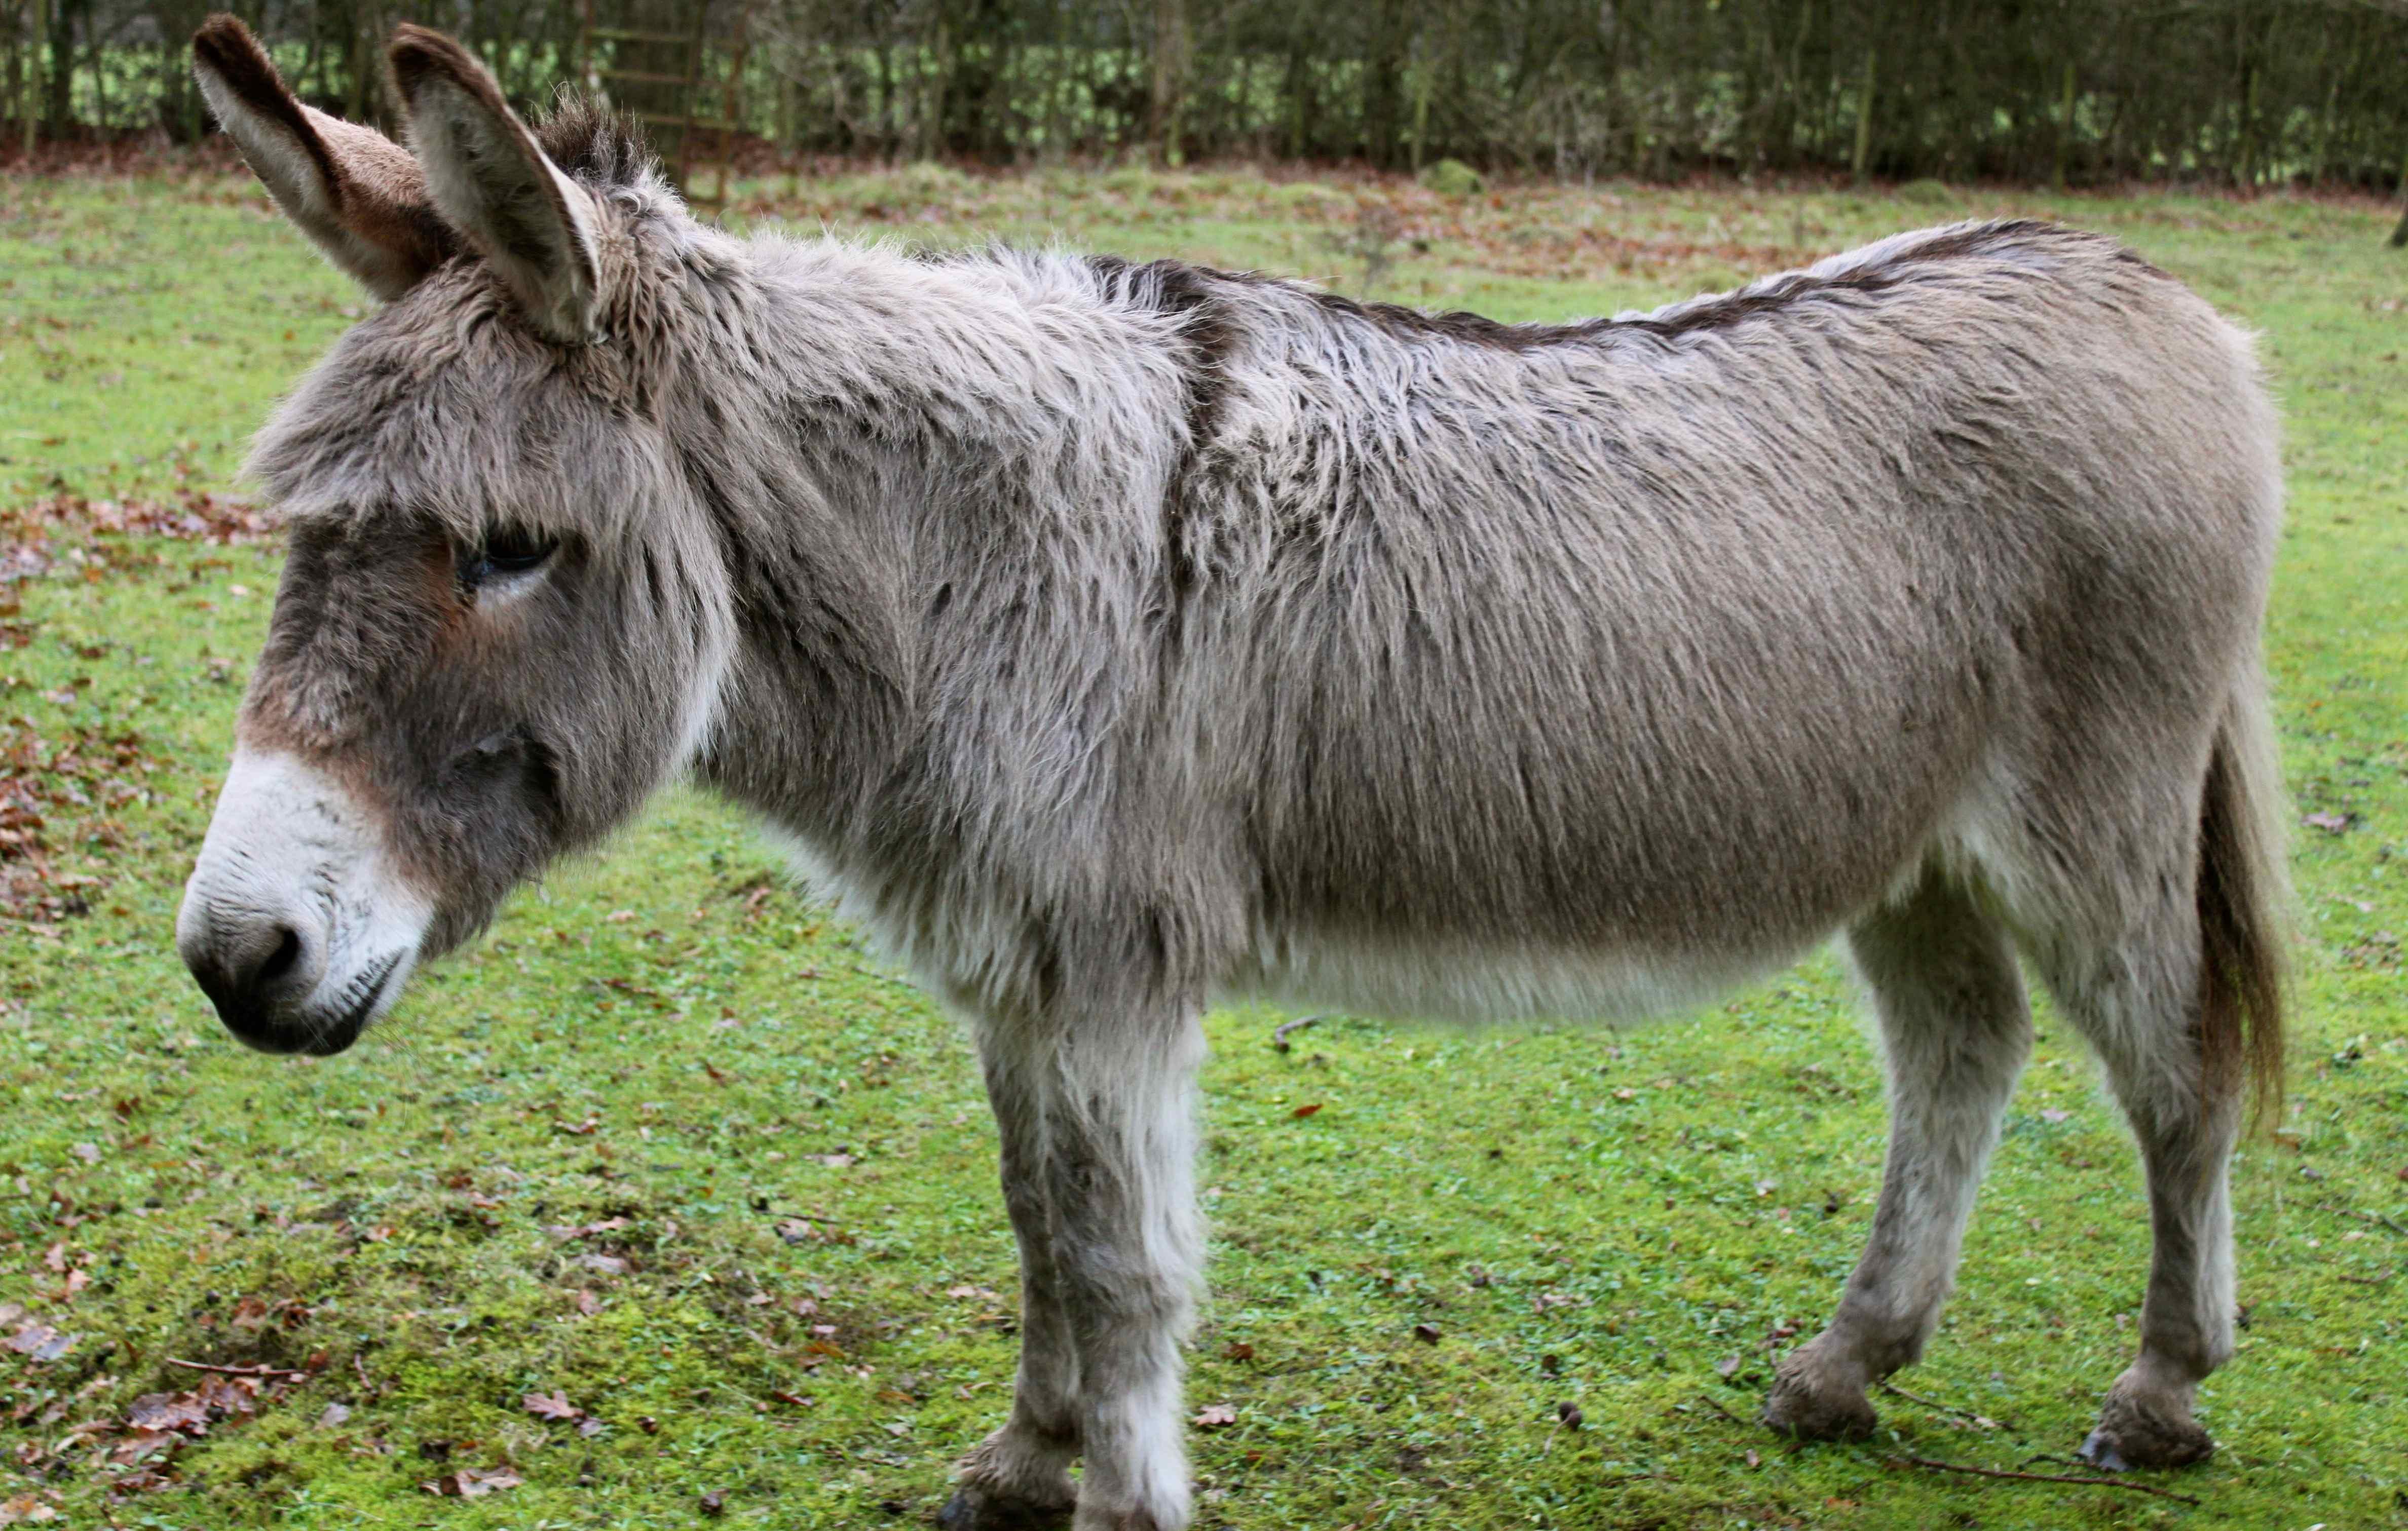 Donkey Images Femalecelebrity